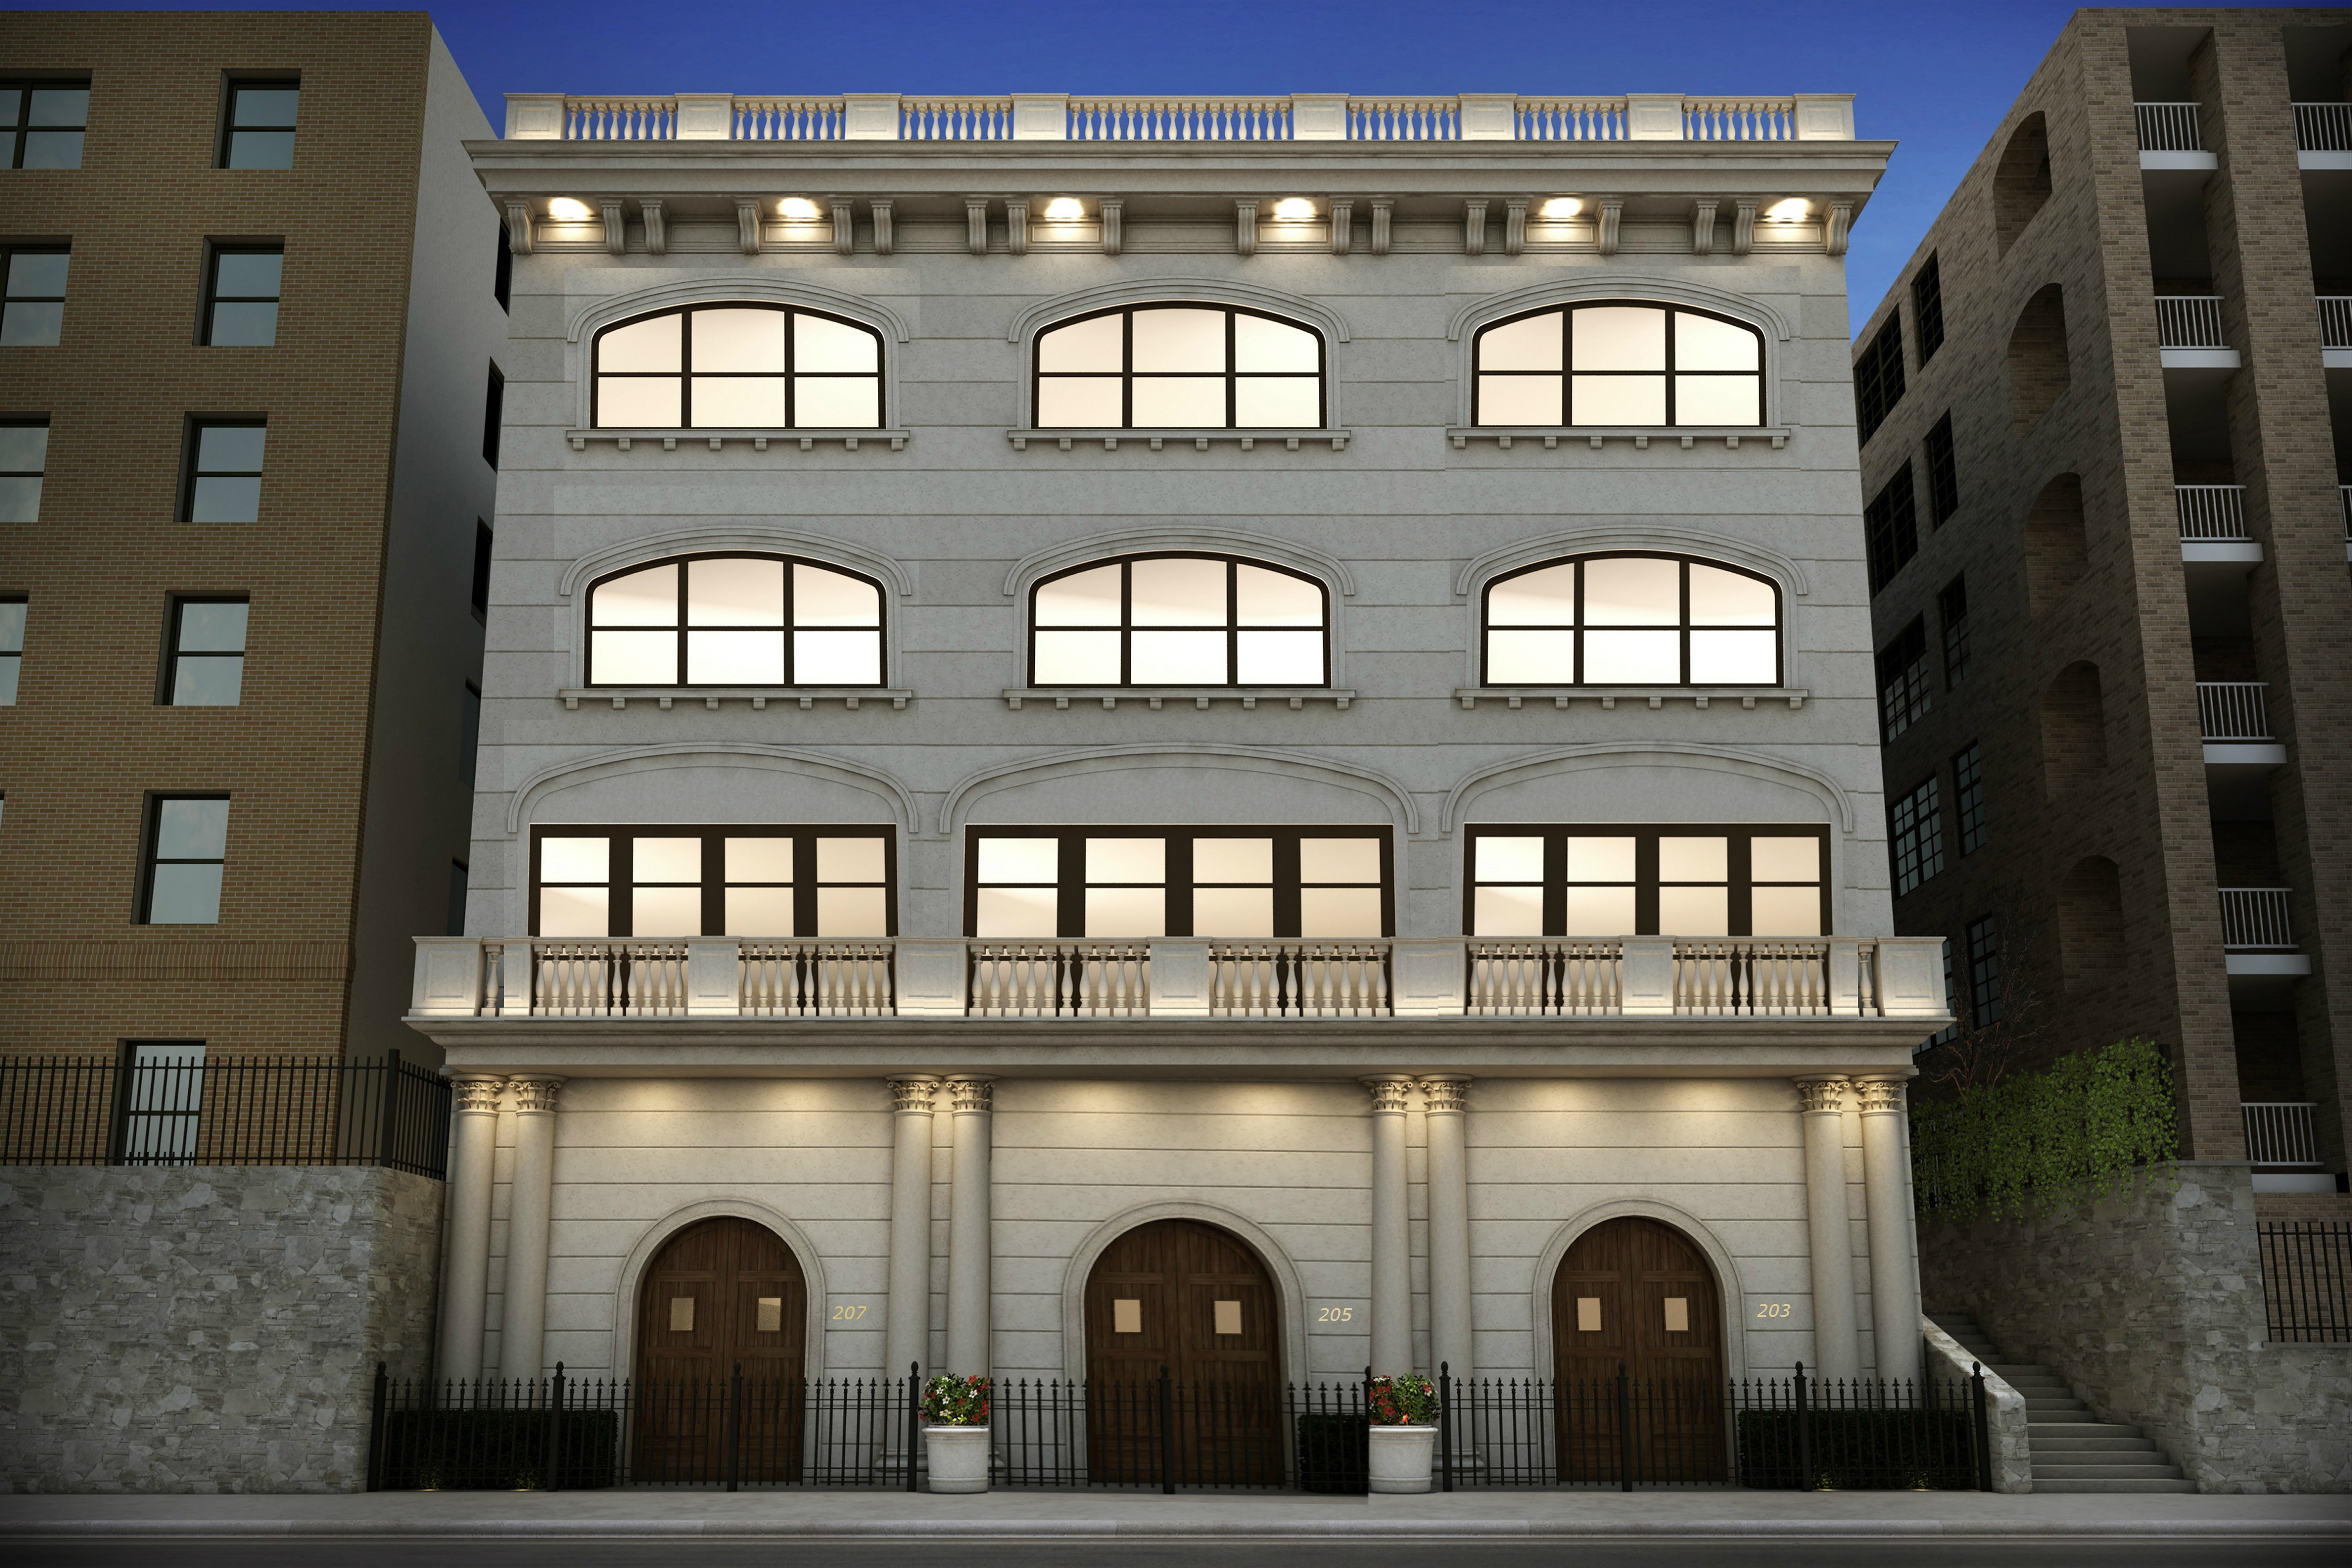 203-207 Cabrini Boulevard, rendering via Nest Seekers